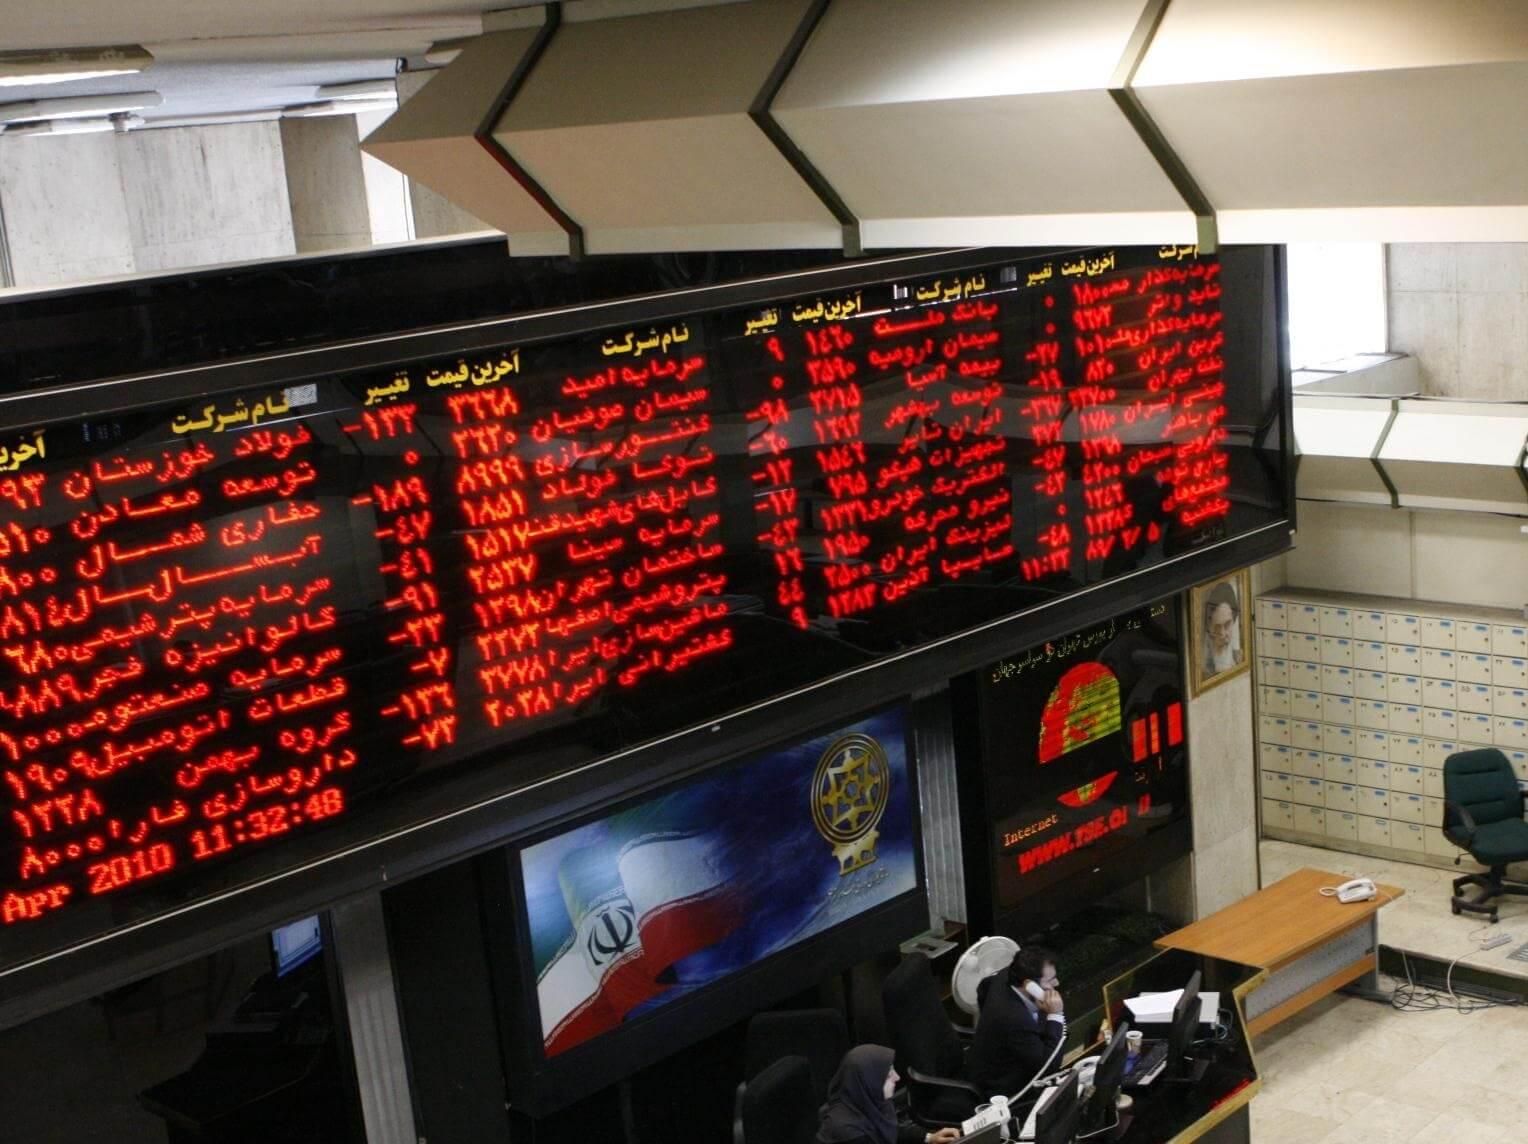 خبری که سهامداران آسیایی و اروپایی را خوشحال کرد